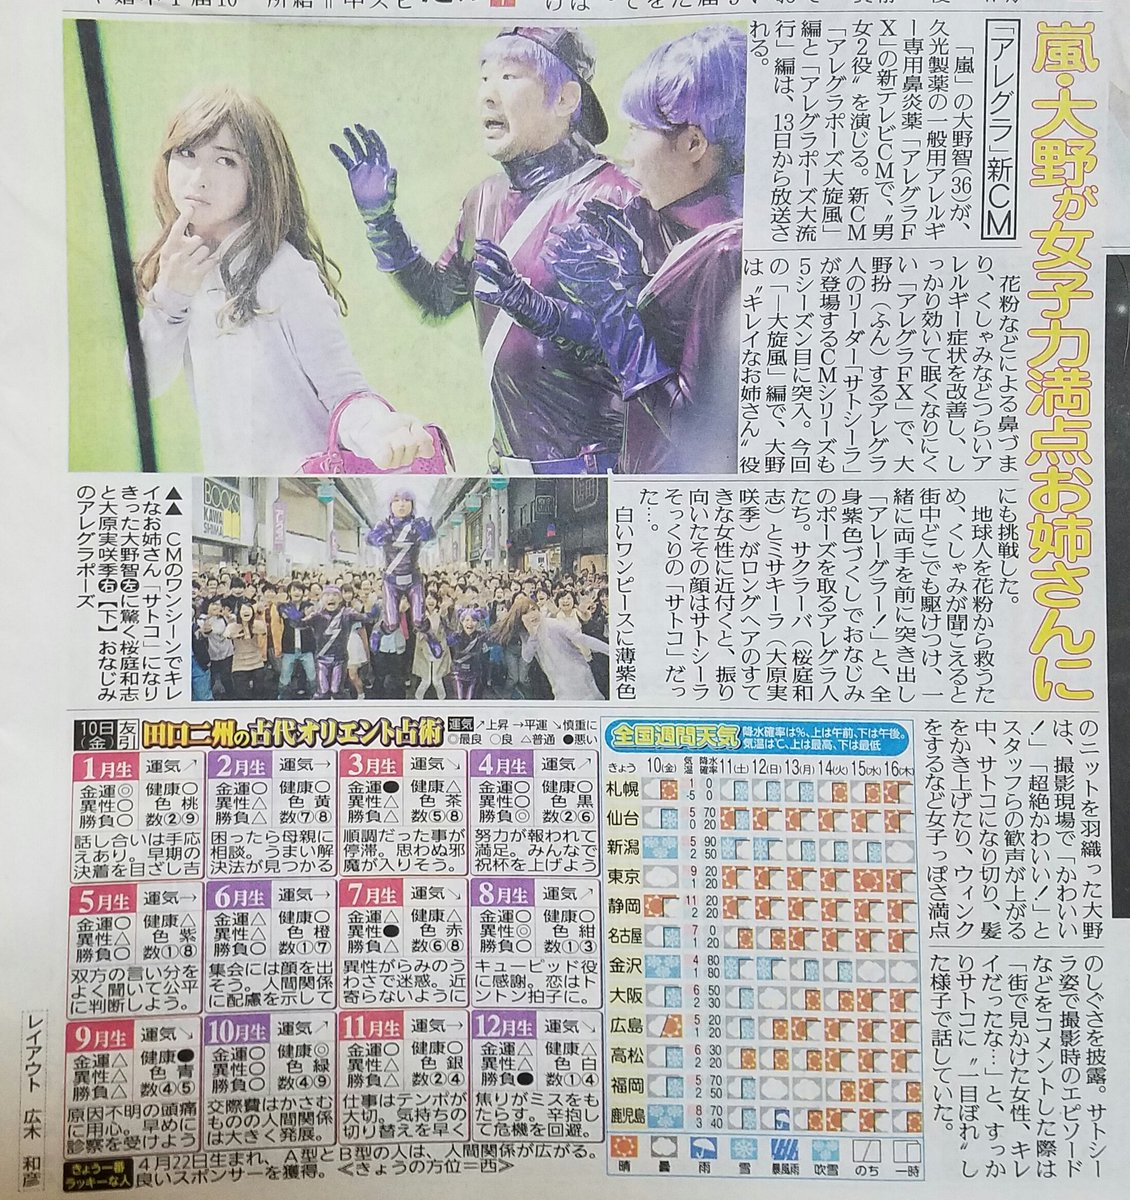 アレグラ新CMで大野智さんが男女2役を演じる。《報知》